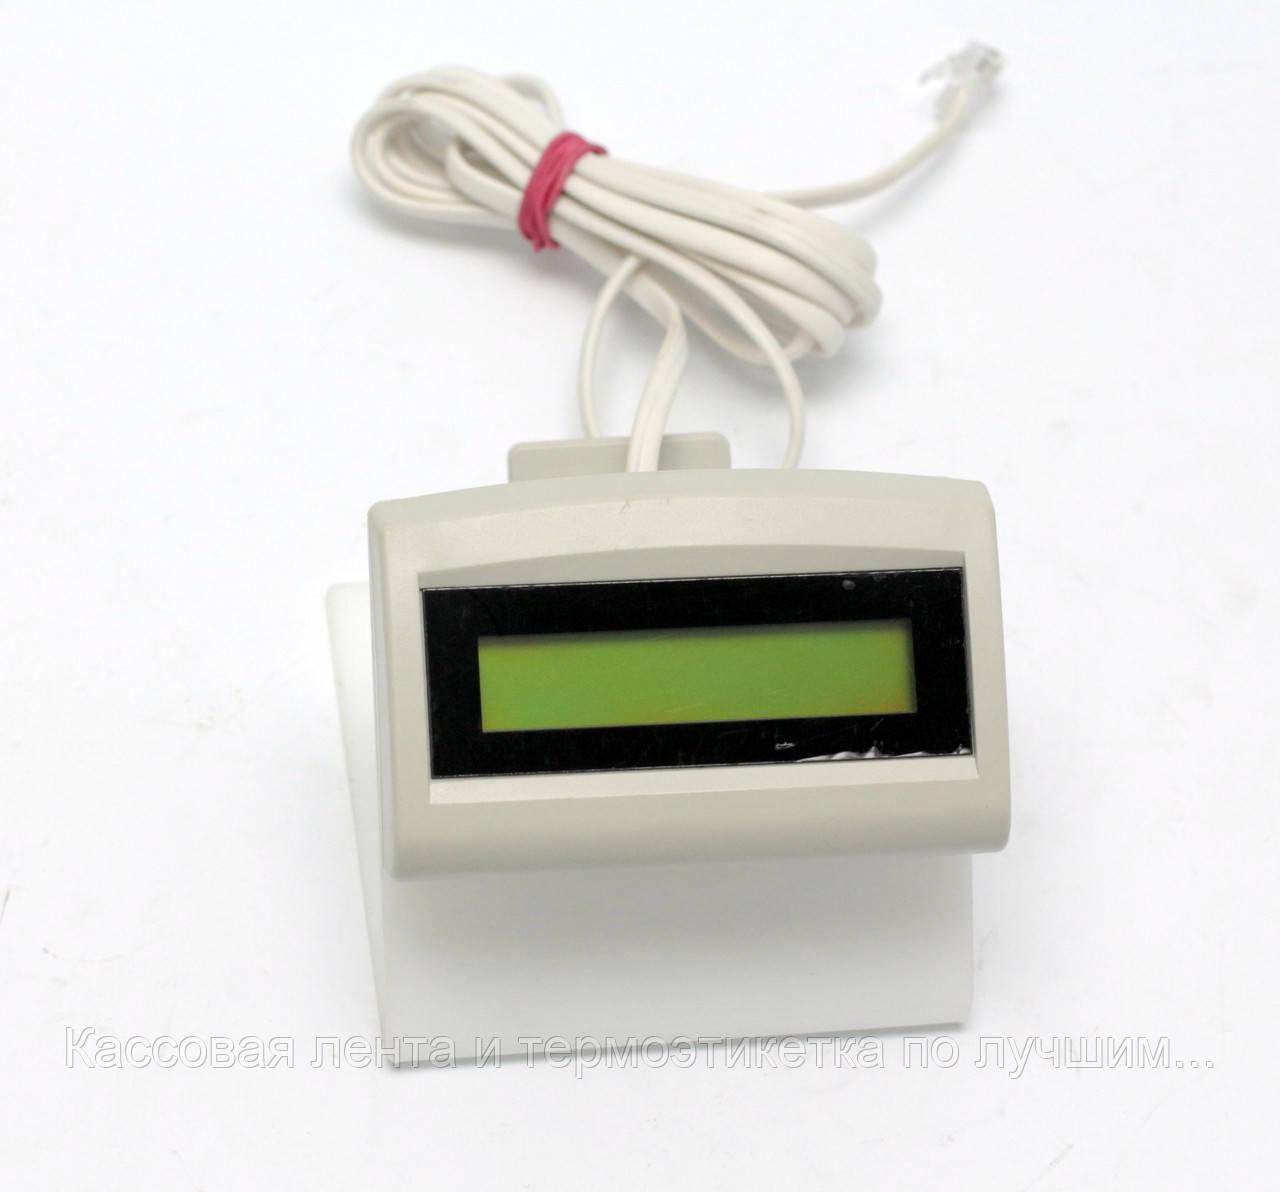 Индикатор покупателя  DPD Mini